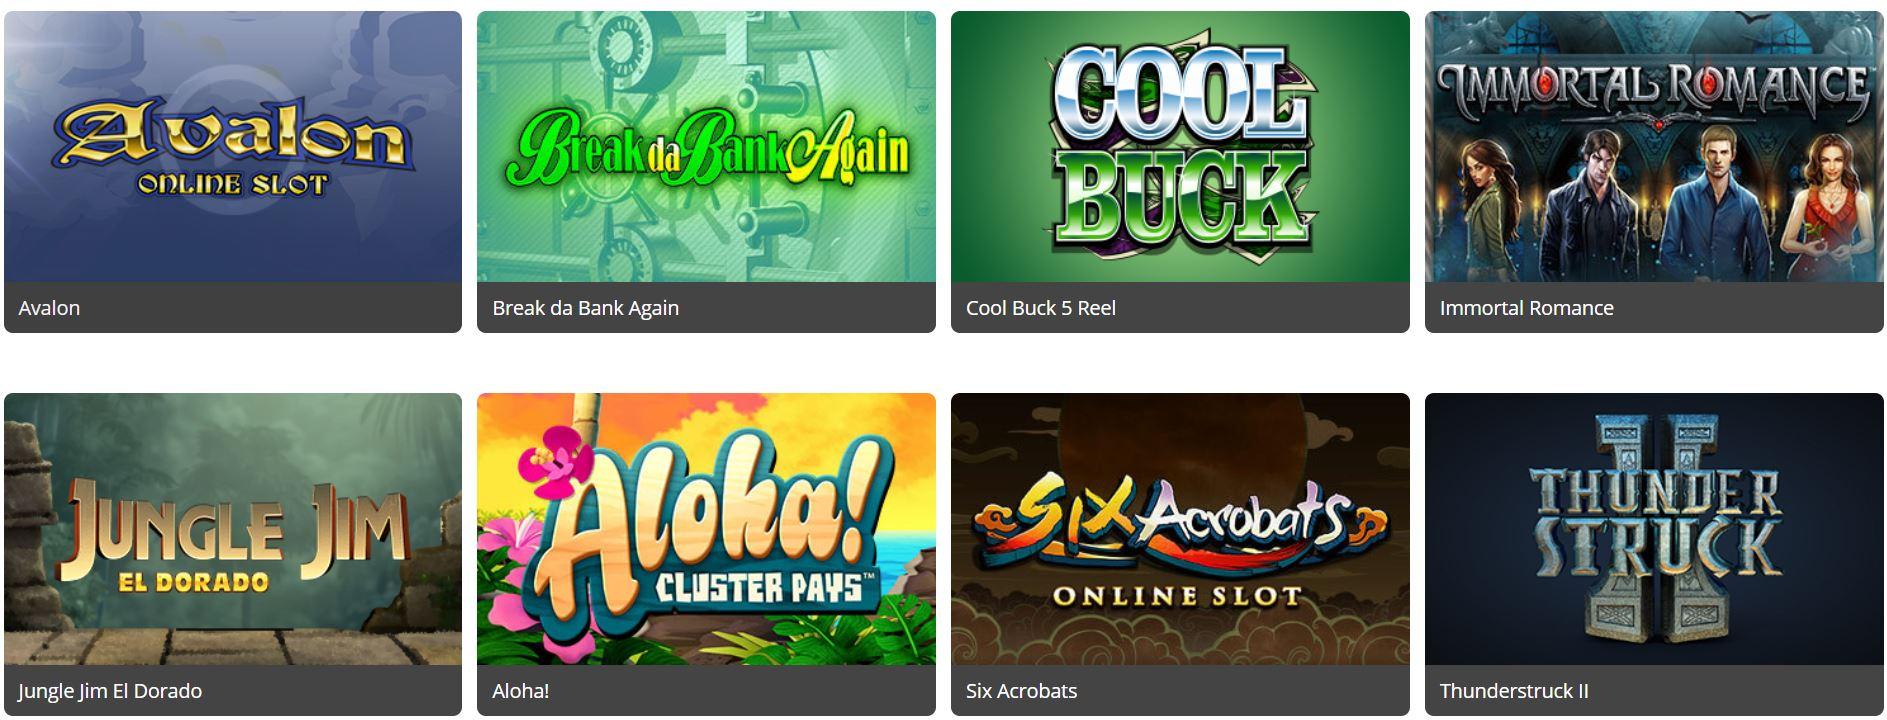 Royal vegas casino pone a tu disposición un amplio catálogo de juegos de azar.